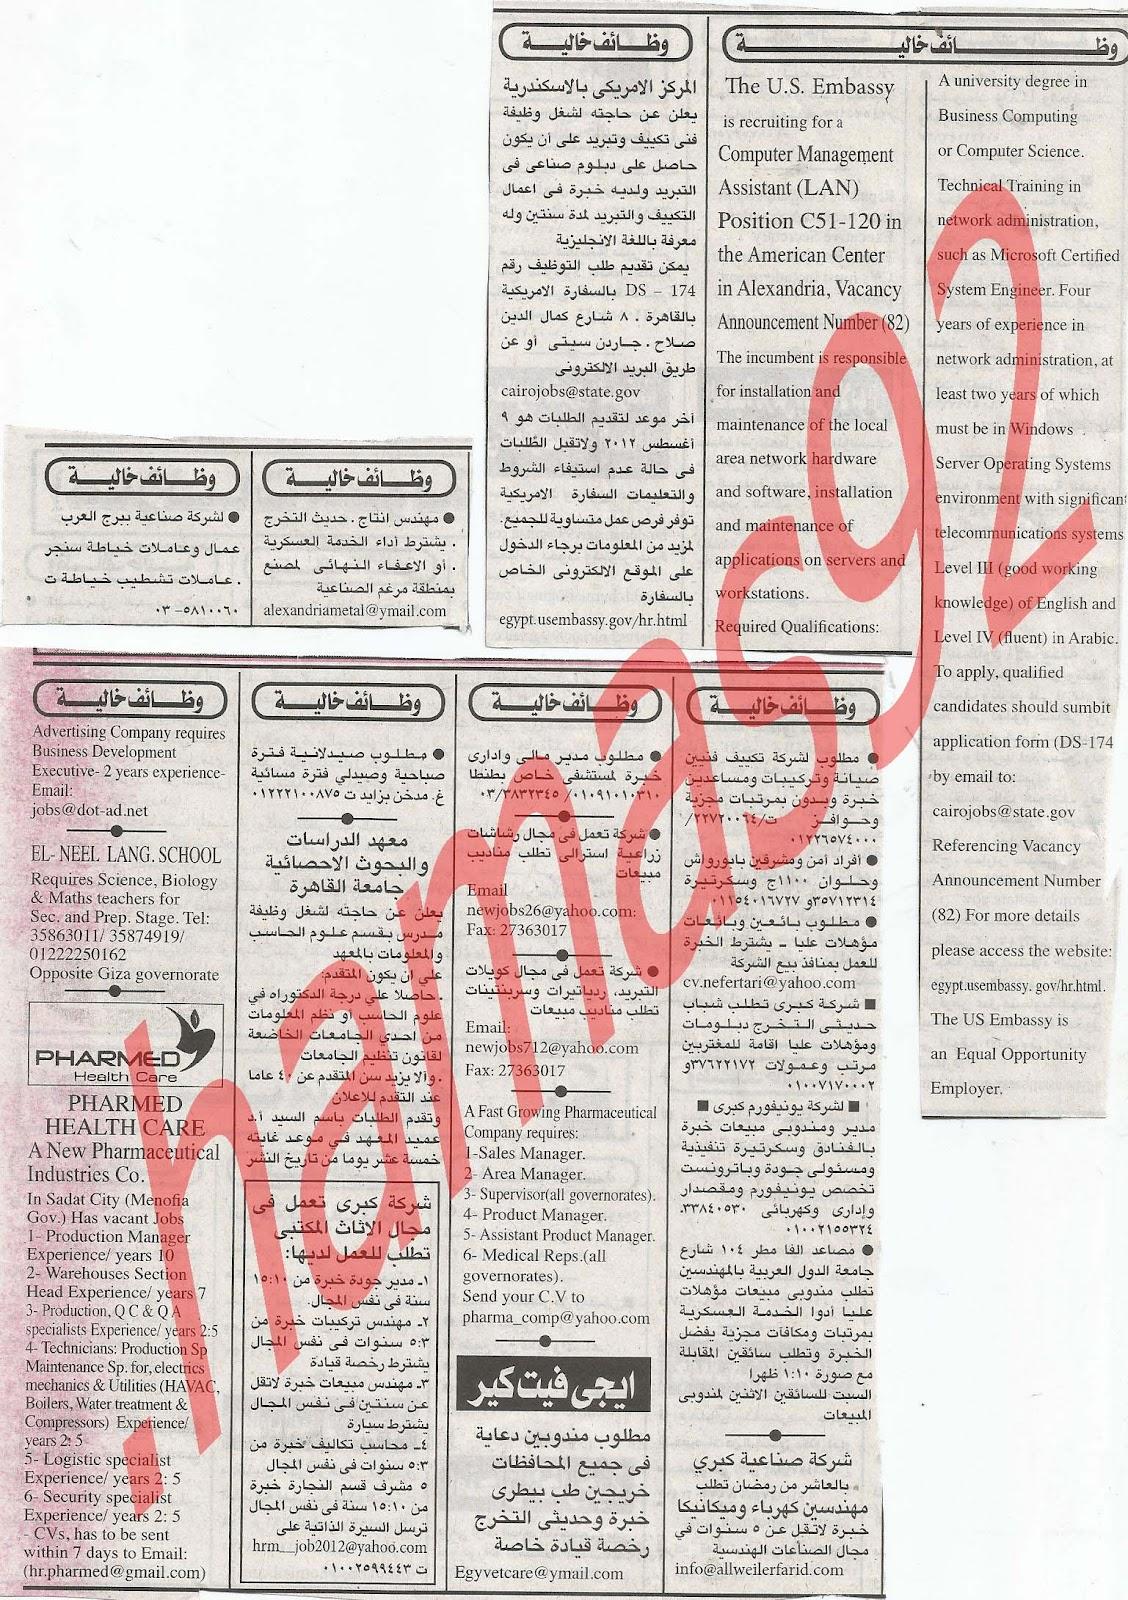 اعلانات الوظائف الخالية فى جريدة الاهرام الجمعة 27/7/2012 - الاهرام الاسبوعى 8